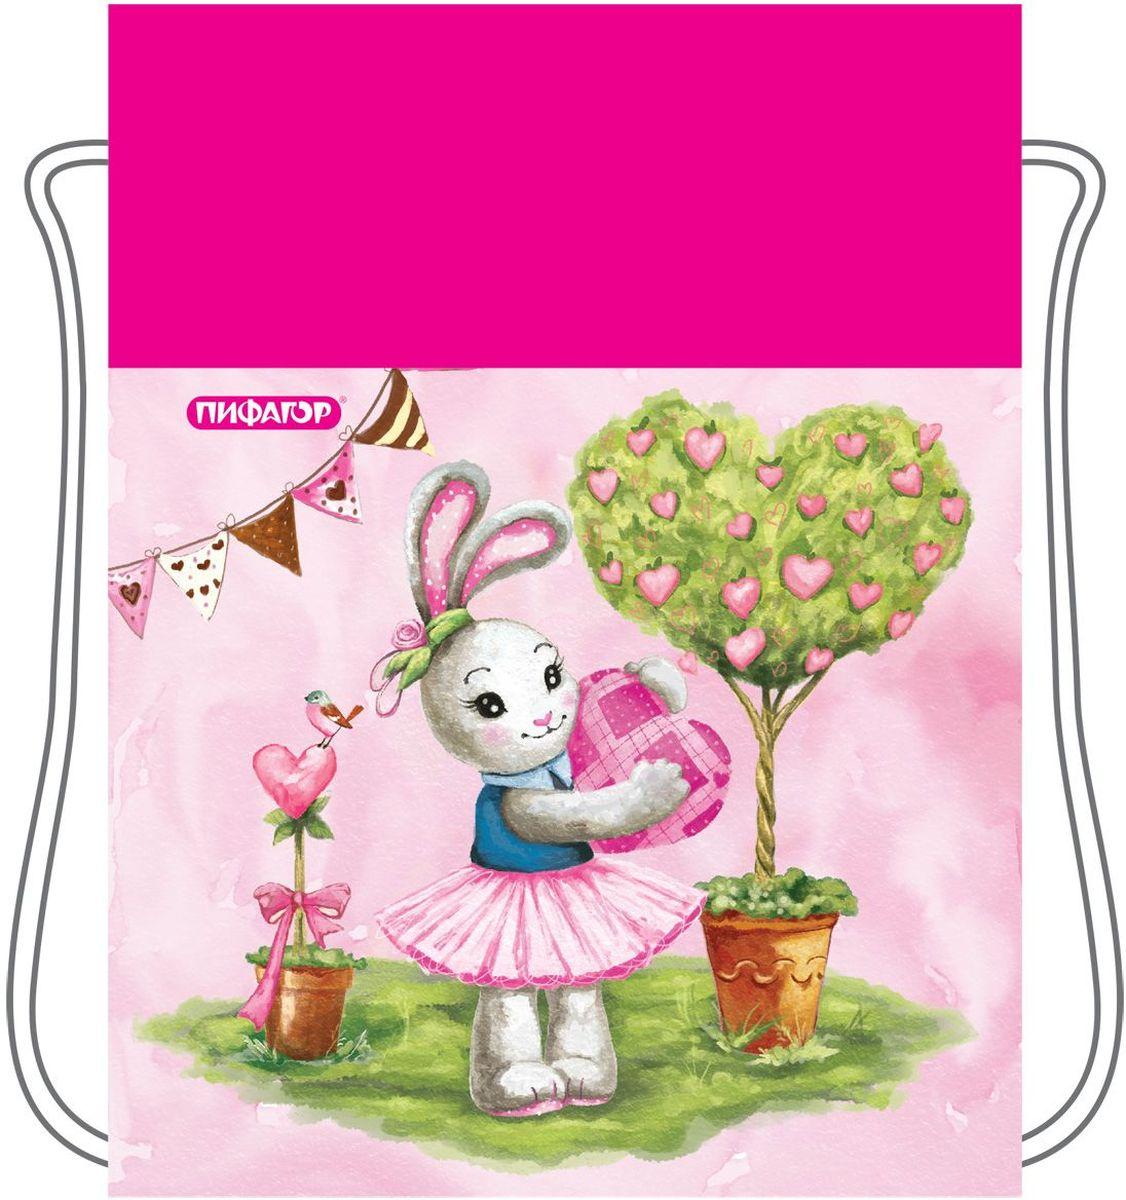 Пифагор Сумка для детской обуви Зайка цвет розовый72523WDСумка для обуви ПИФАГОР предназначена для детей 7-10 лет. Вместительная сумка затягивается шнурком. Яркий тематический принт поможет школьнику проявить индивидуальность.•Затягивается шнурком. •Водоотталкивающая пропитка ткани. •Материал - полиэстер. •Размер: 42х34 см.